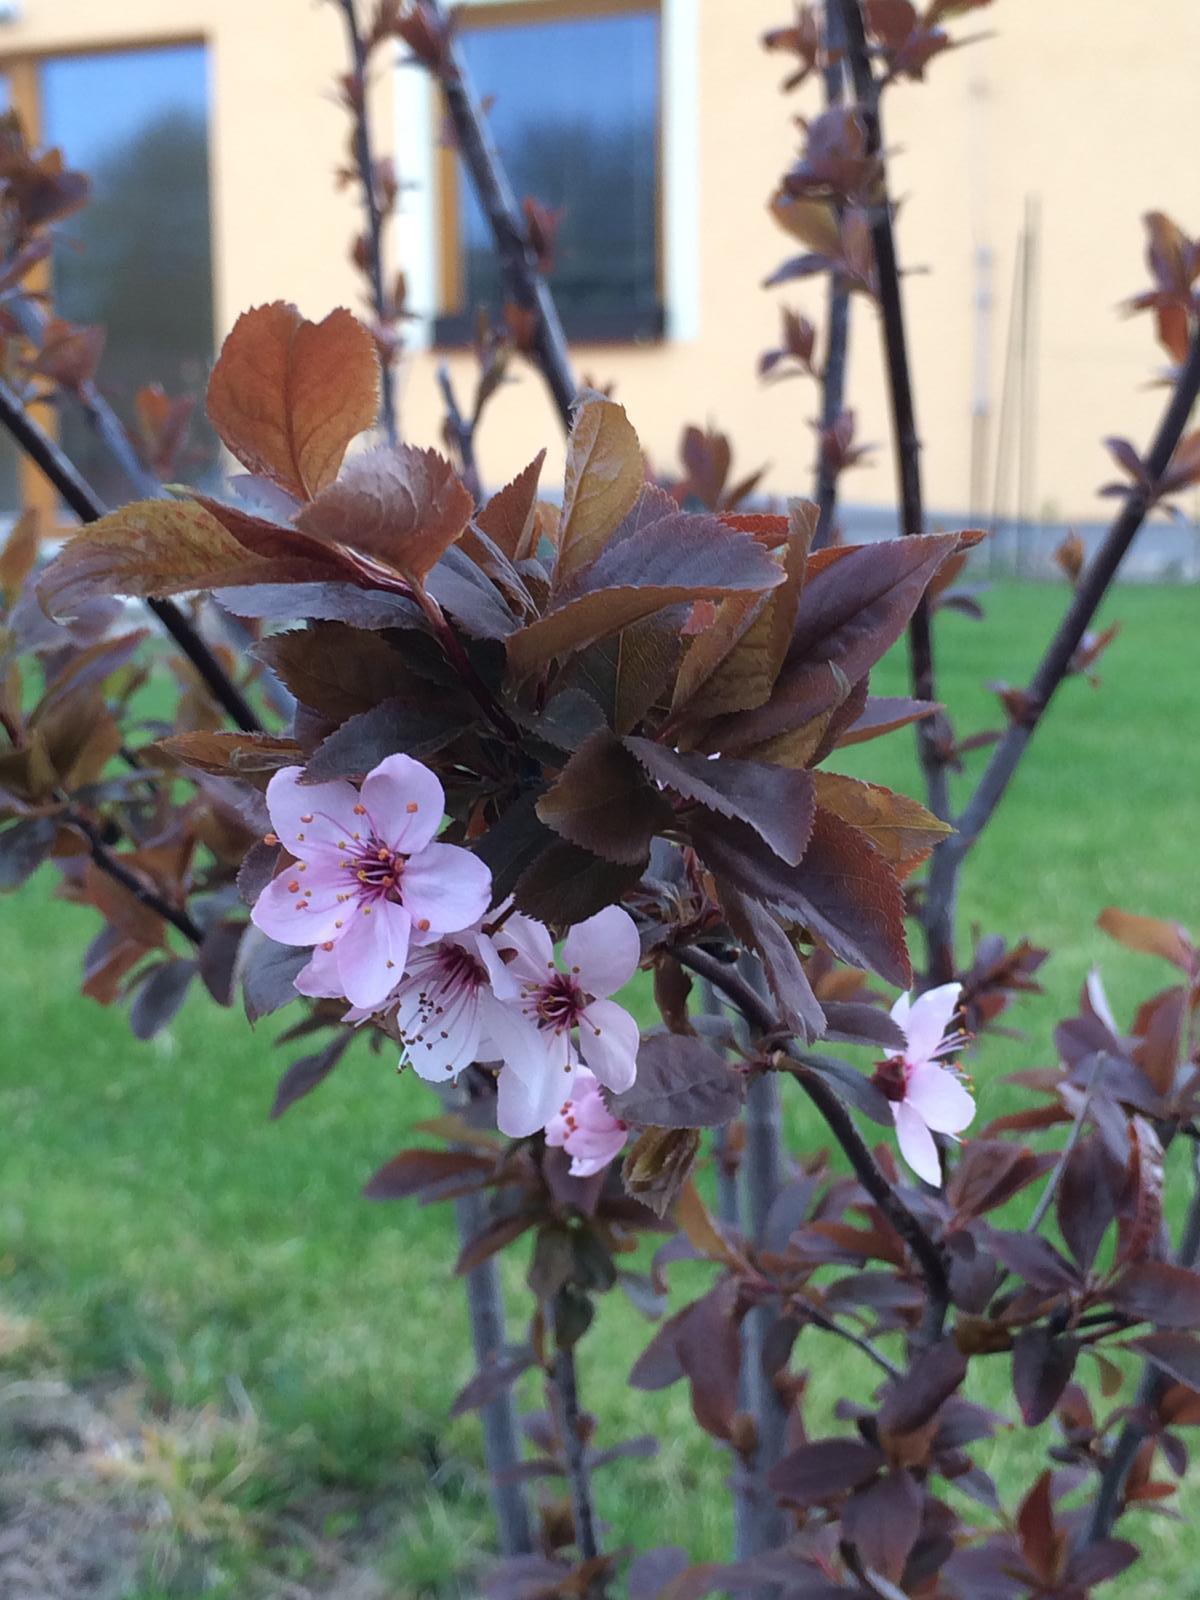 Zahradka nasa 2015 - na tohle jsem cekala cely rok.. tyhle kvety jsem videla u sousedky, pak se kupoval stejny kerik, protoze jsem se do nej zamilovala, ale kvete az ted :)